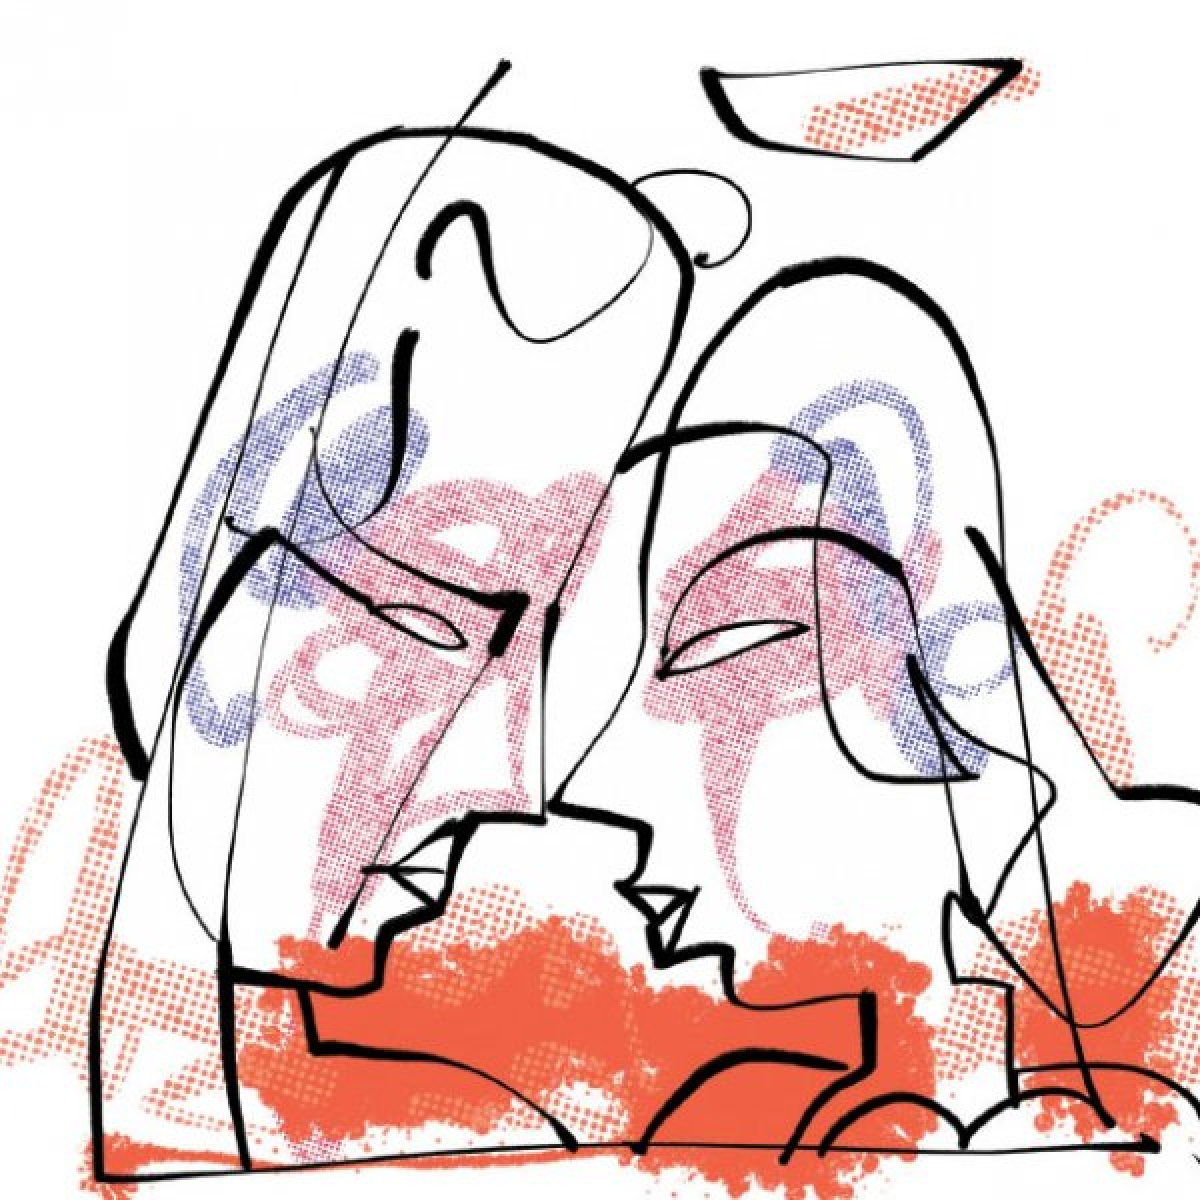 ஜேகேவின் நட்சத்திரக் கண்களும் சில மலையுச்சங்களும்